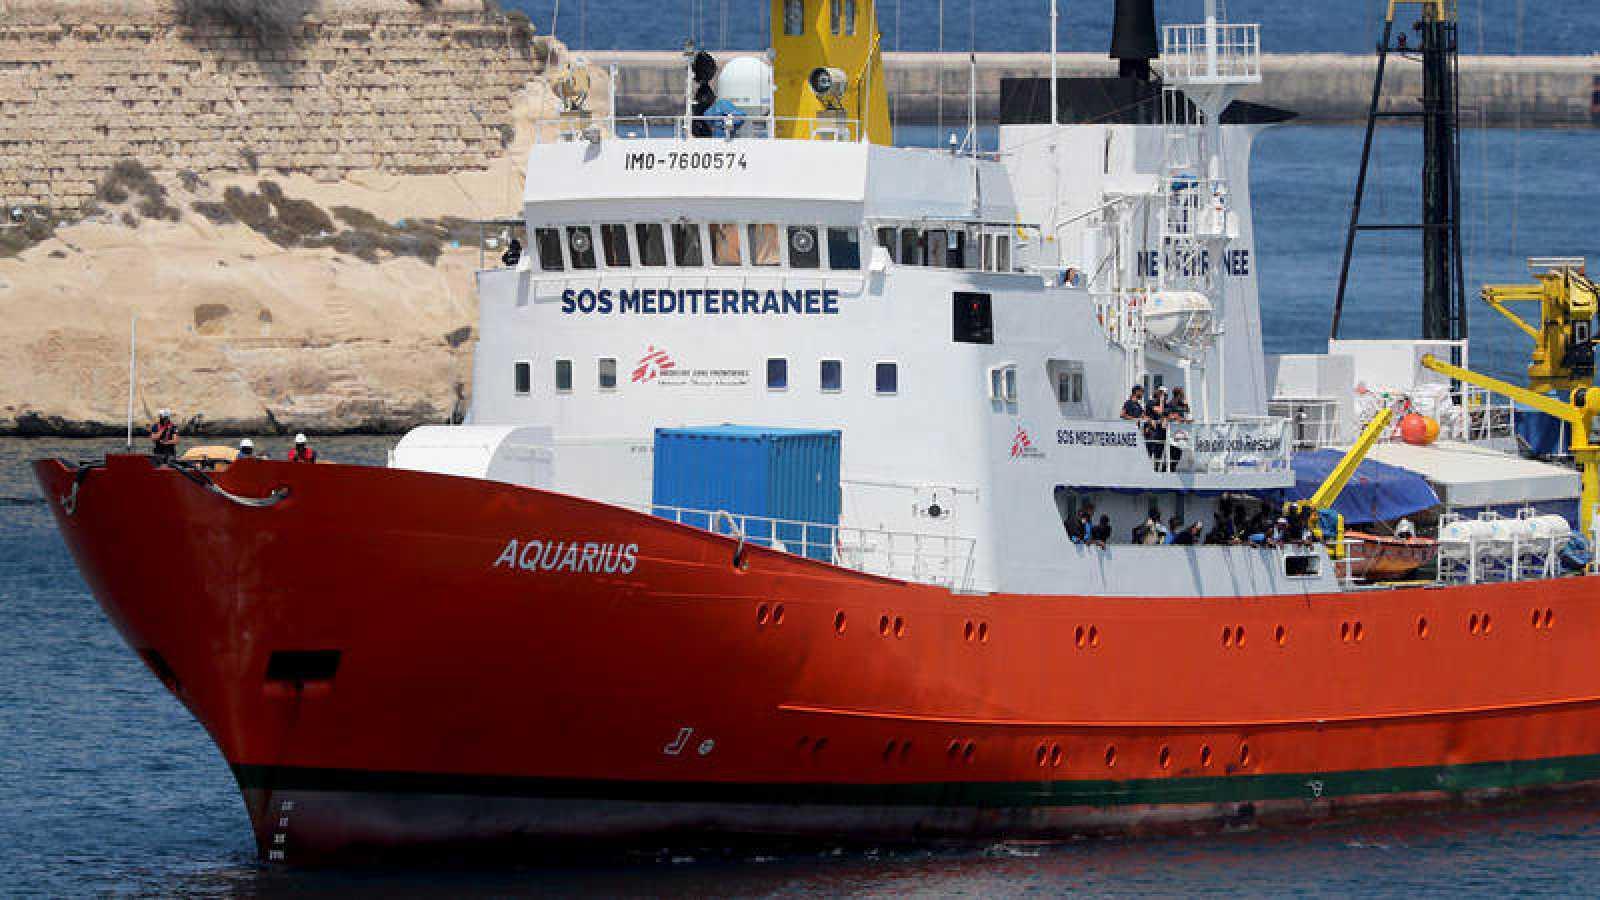 El Aquarius deja sus actividades de rescate de inmigrantes en el Mediterráneo